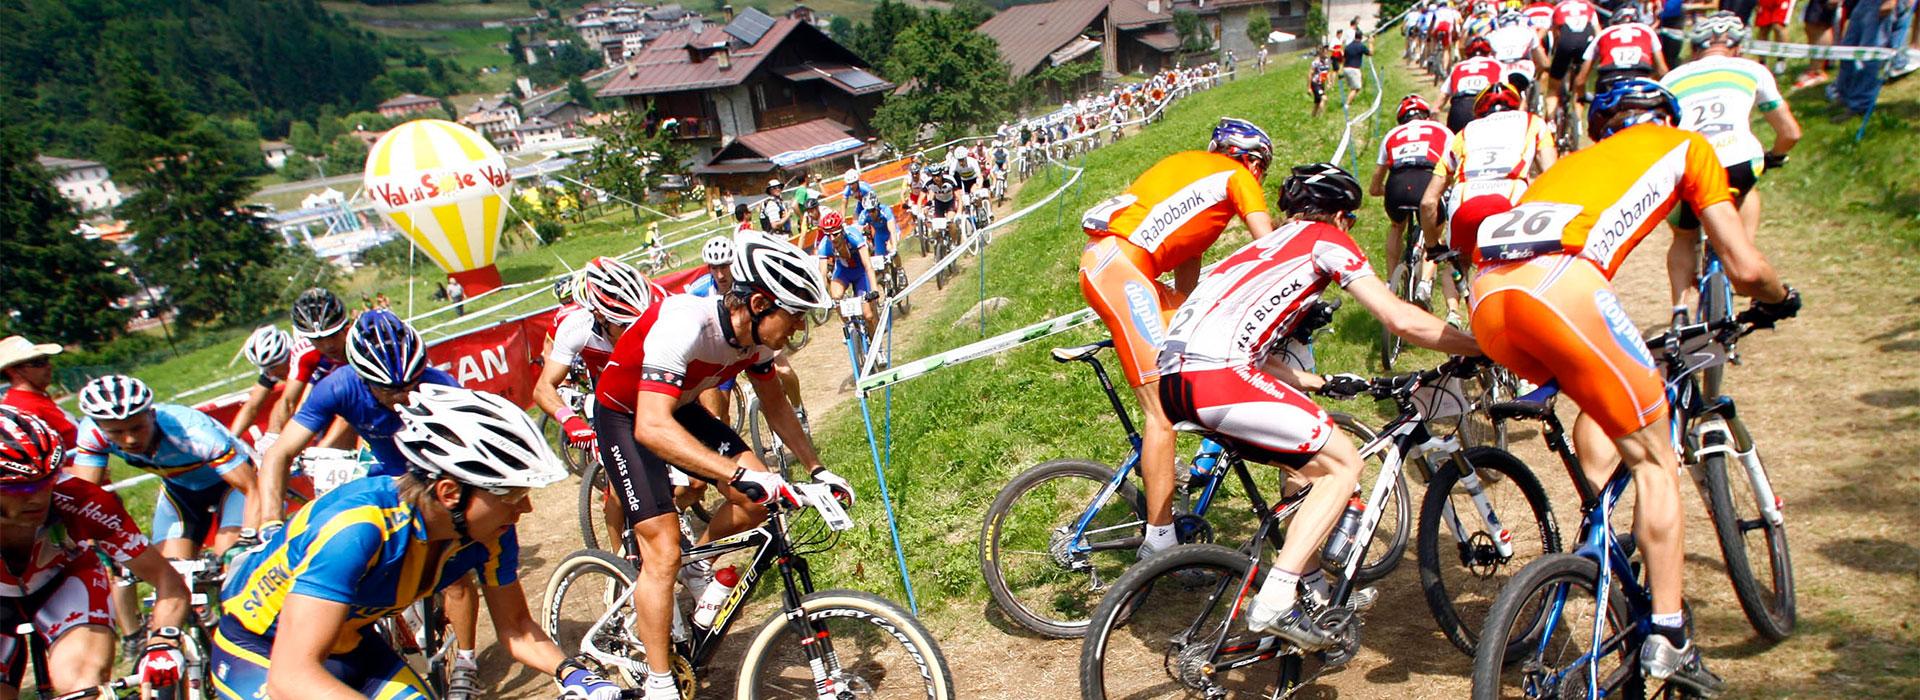 2016-sistime-mountain-bike-xc